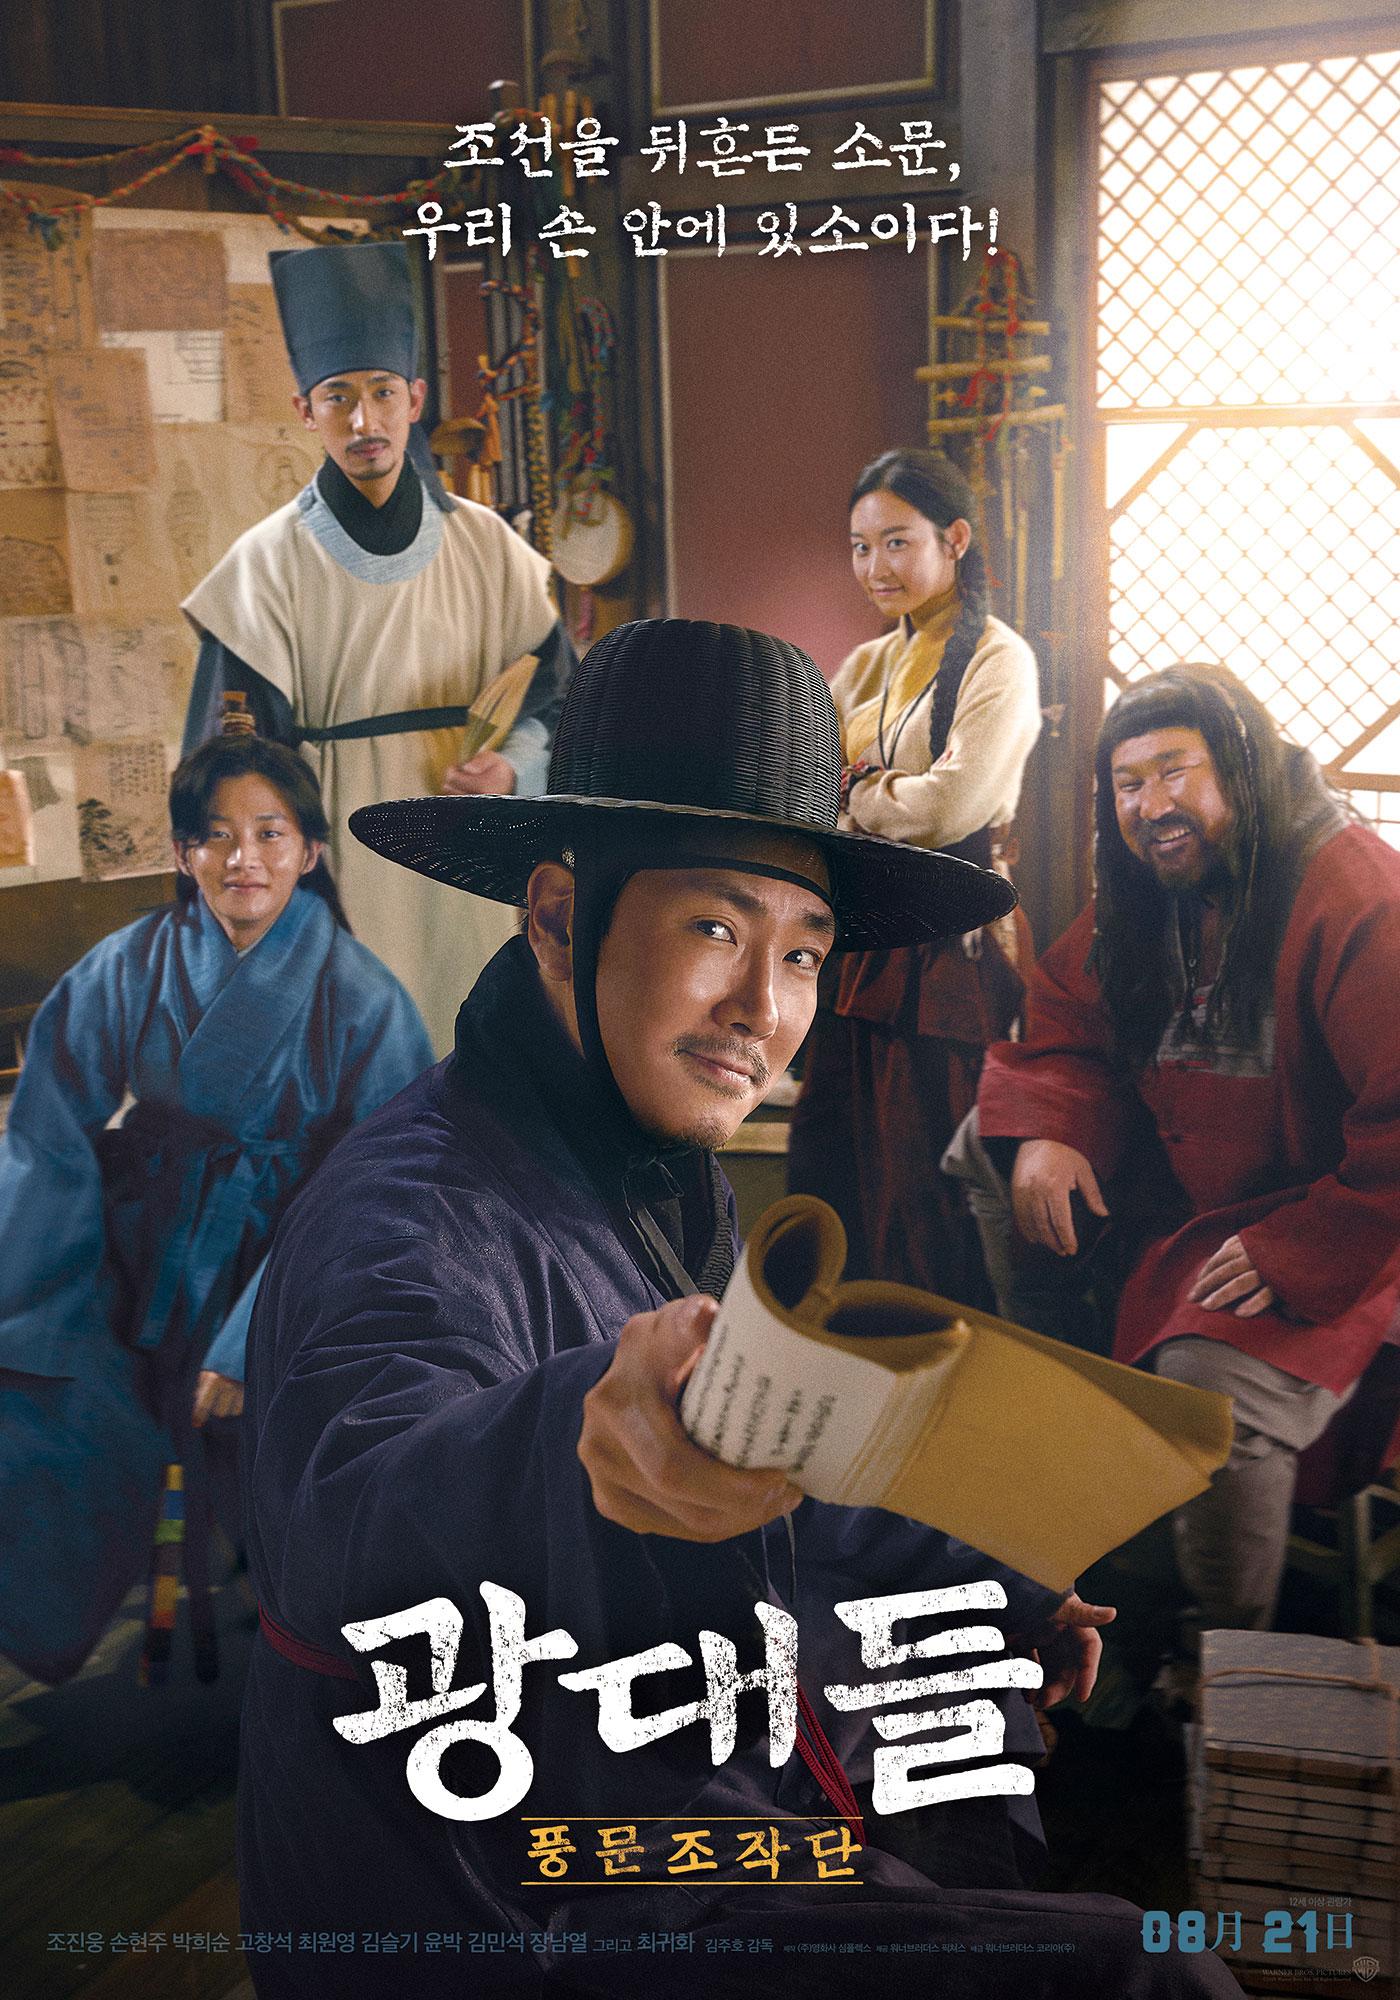 2019 韩国《戏子们:传闻操纵团》本片讲述了朝鲜时代言论操作团的故事